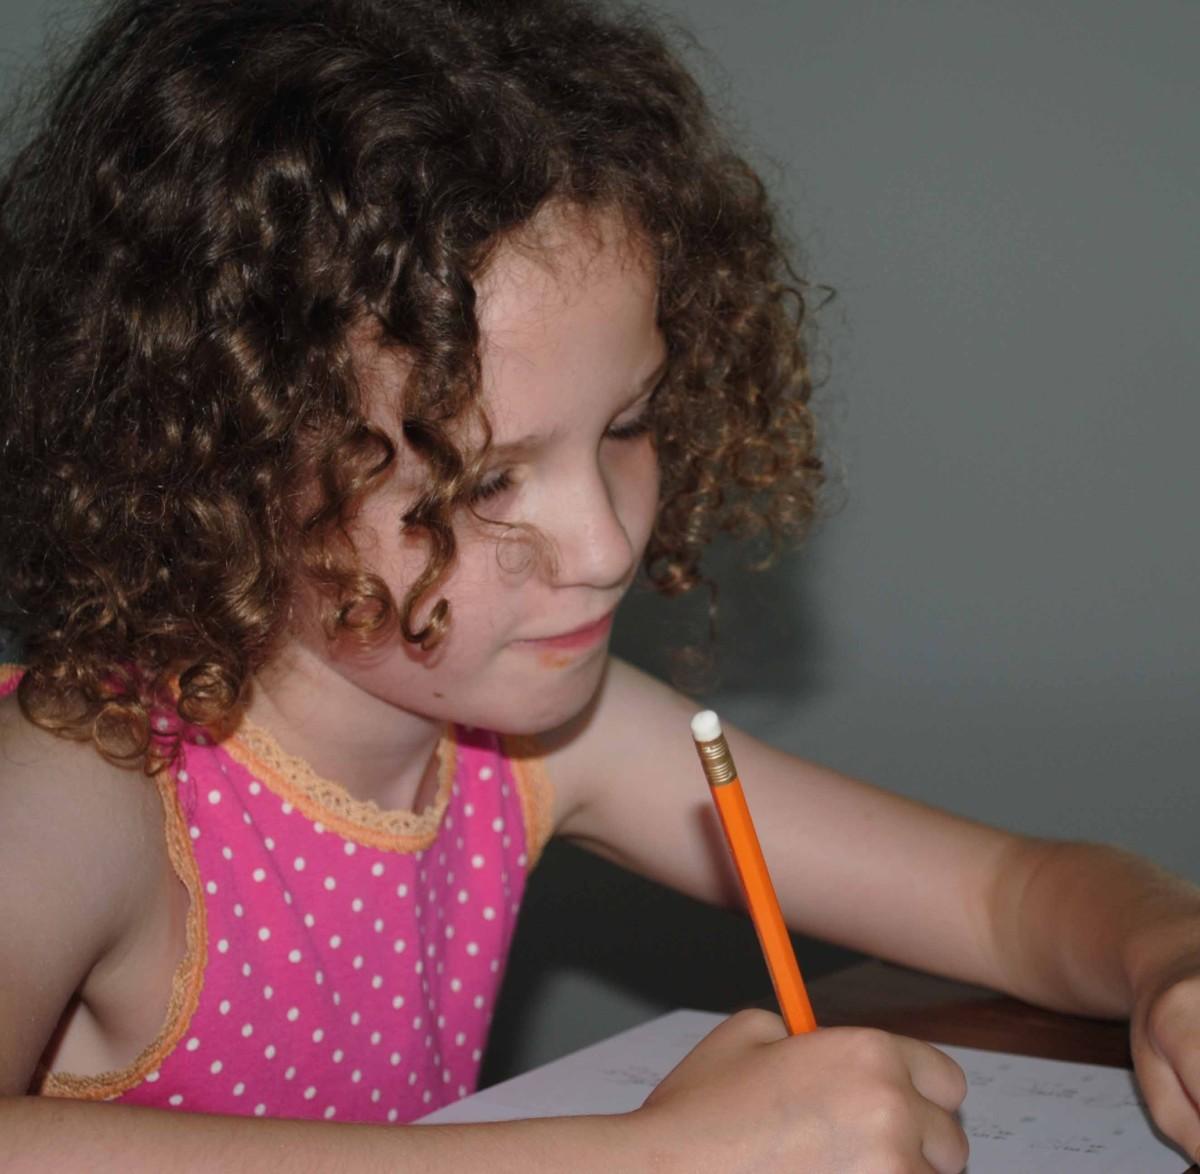 Child studying Kumon math